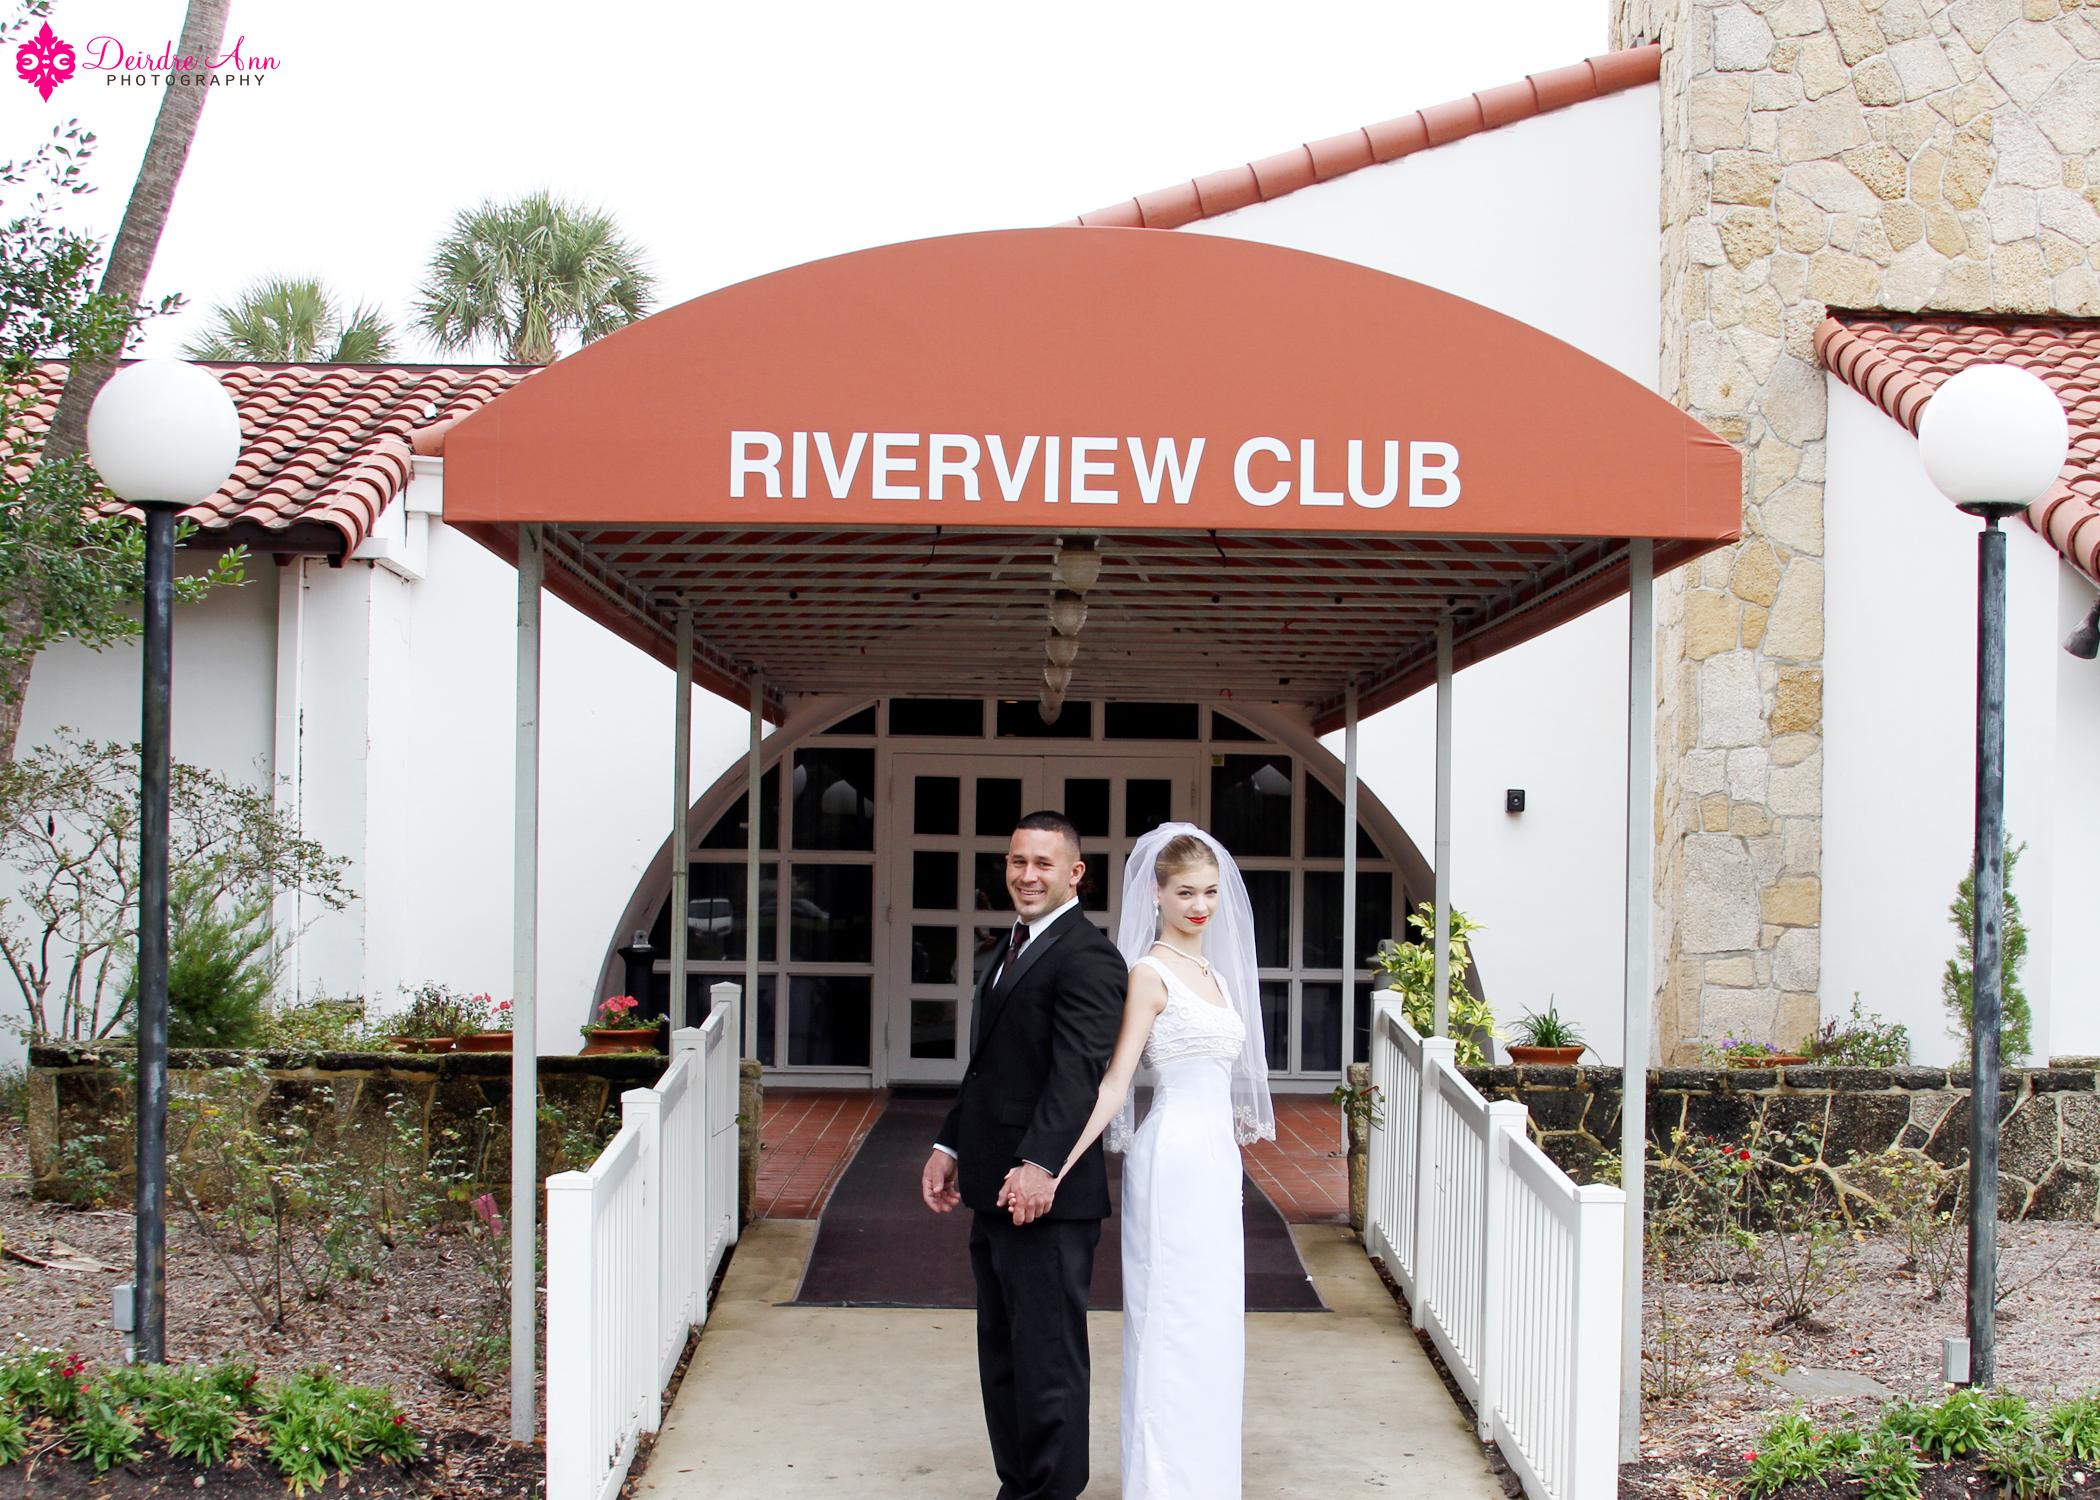 Riverview Club Main Entrance